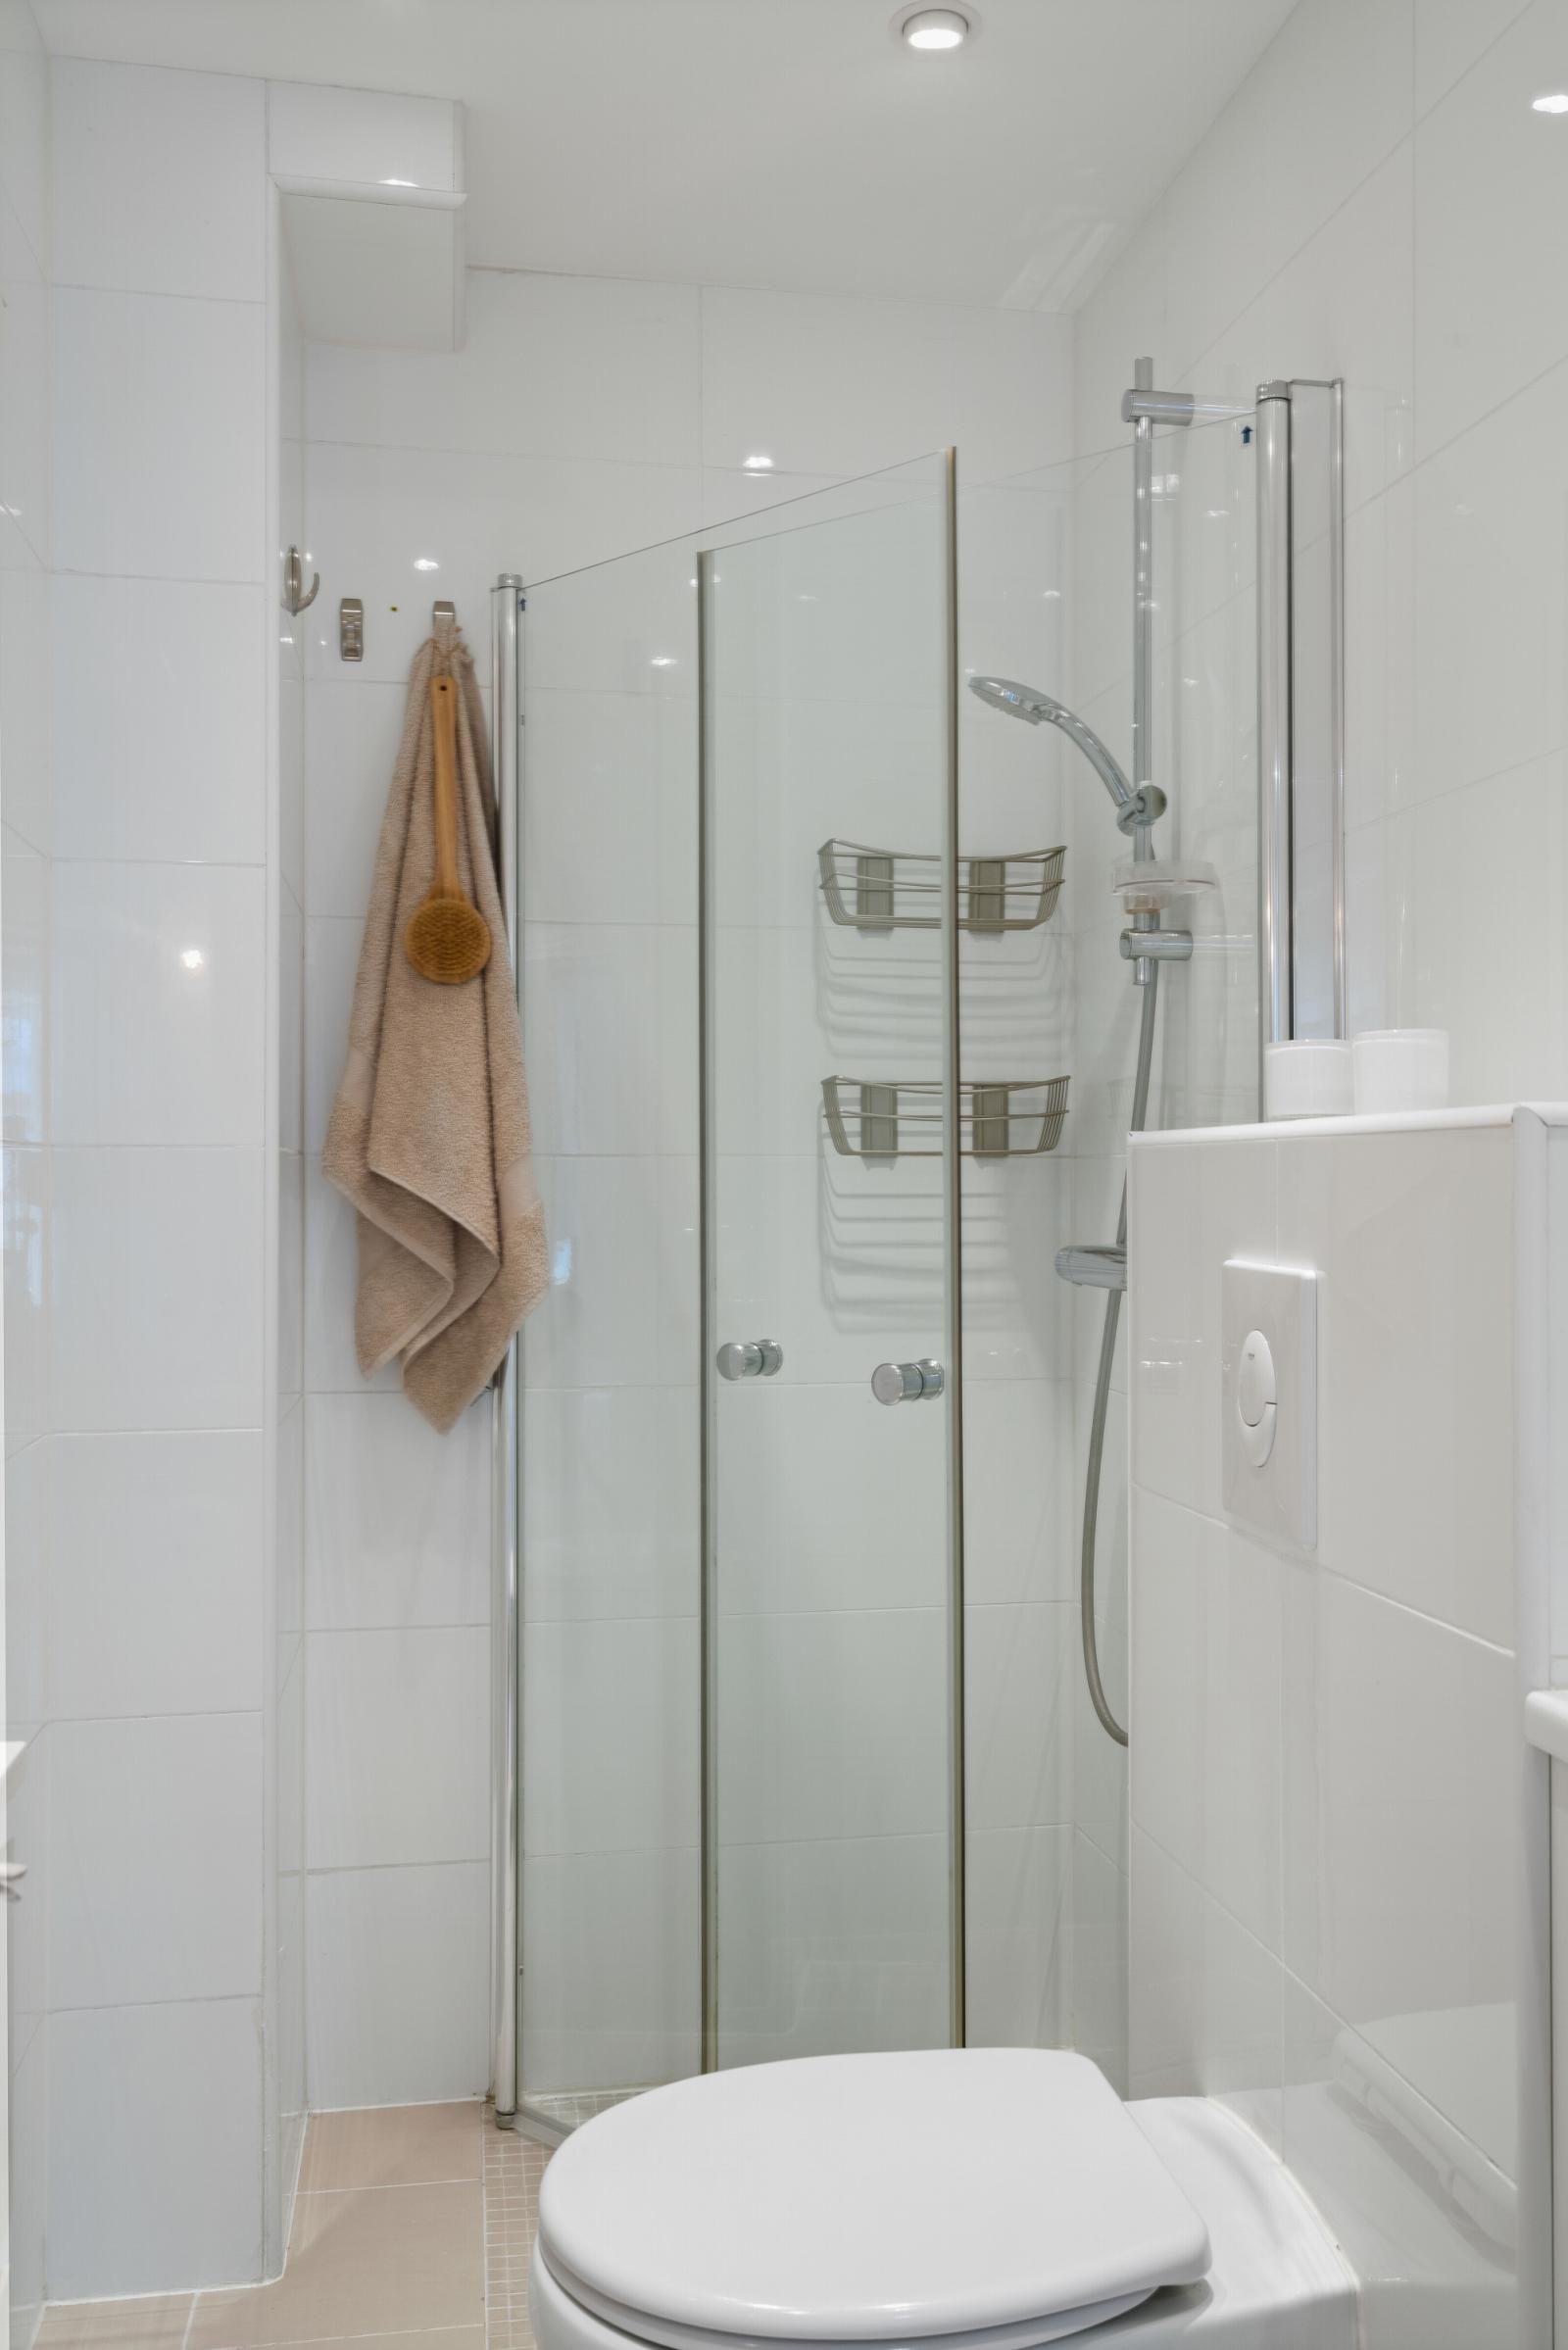 Sannergata 10 Vegghengt klosett og dusj med innfellbare dusjdører.